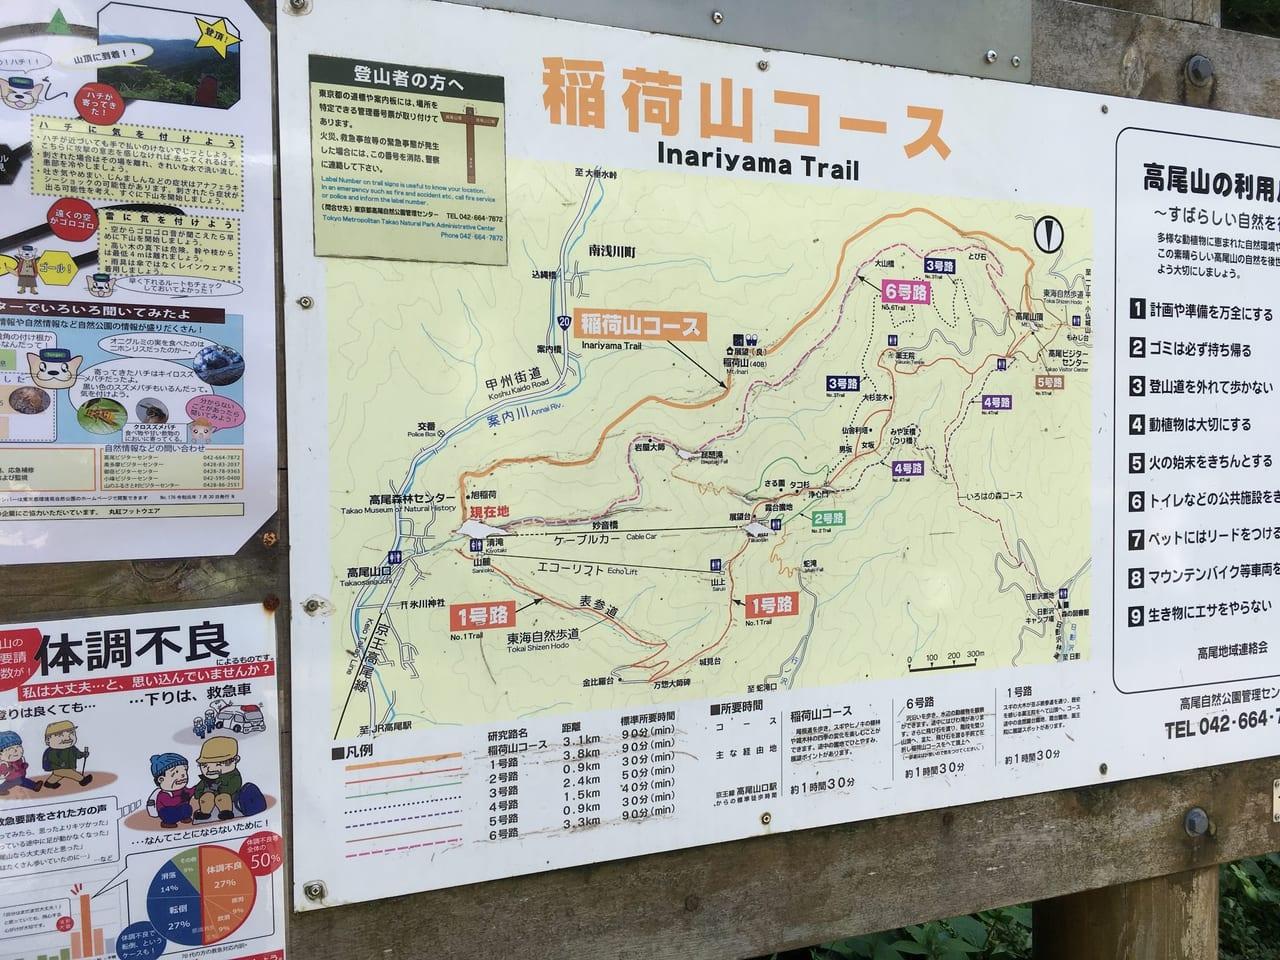 /初心者には厳しい稲荷山コースの案内図